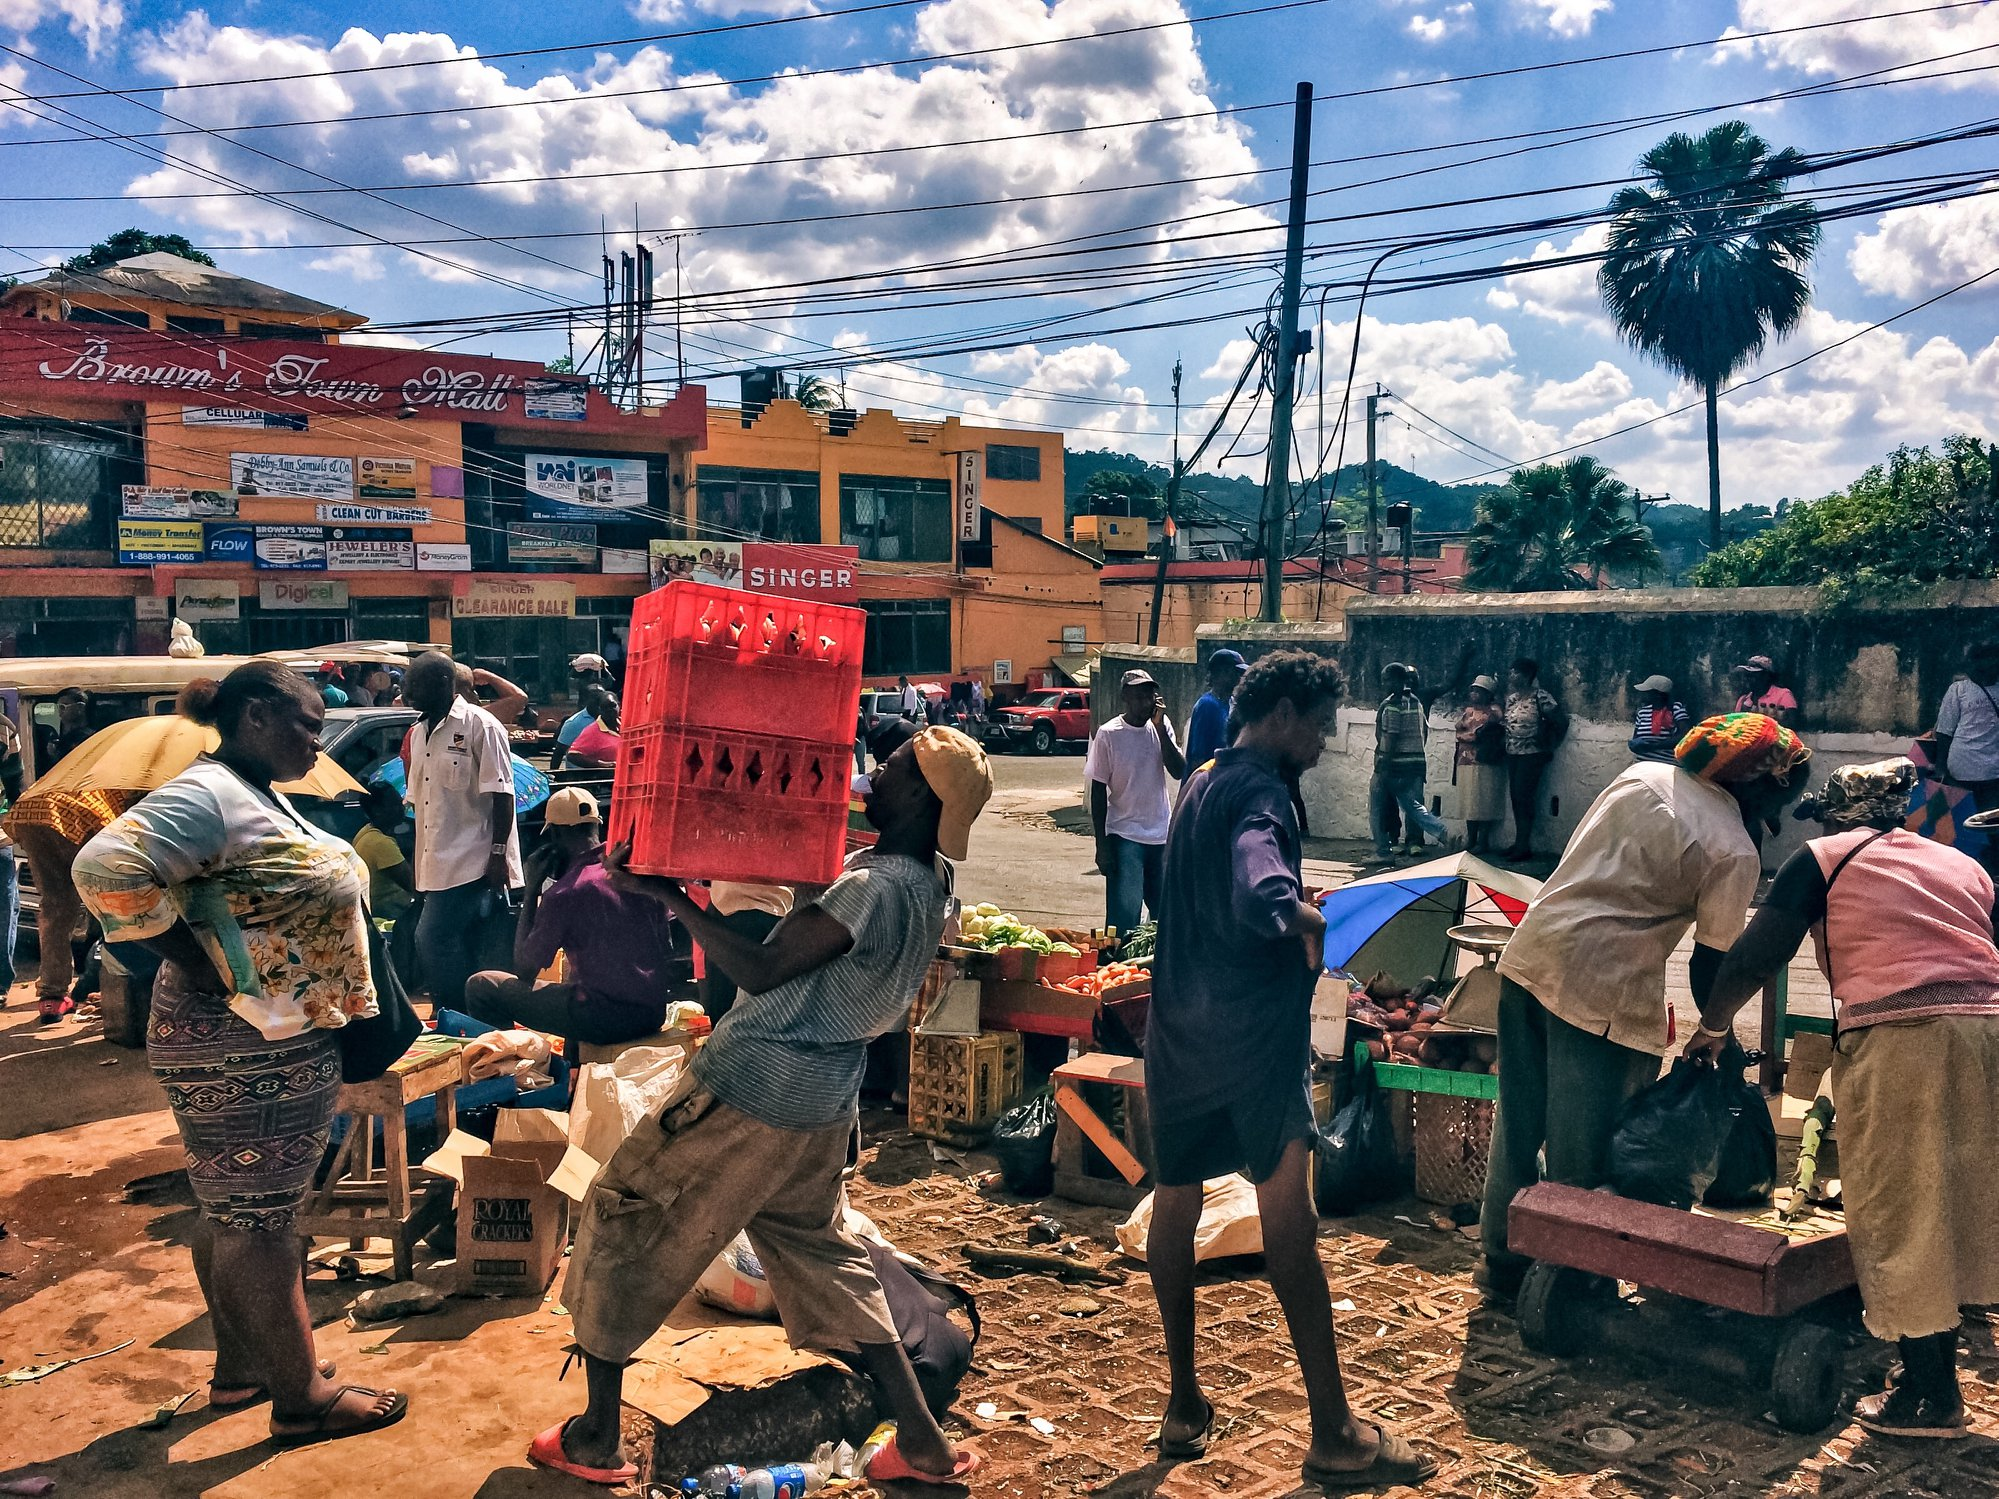 Jamaica -Browns Town - Saint Ann - Help Jamaica e.V. Charity